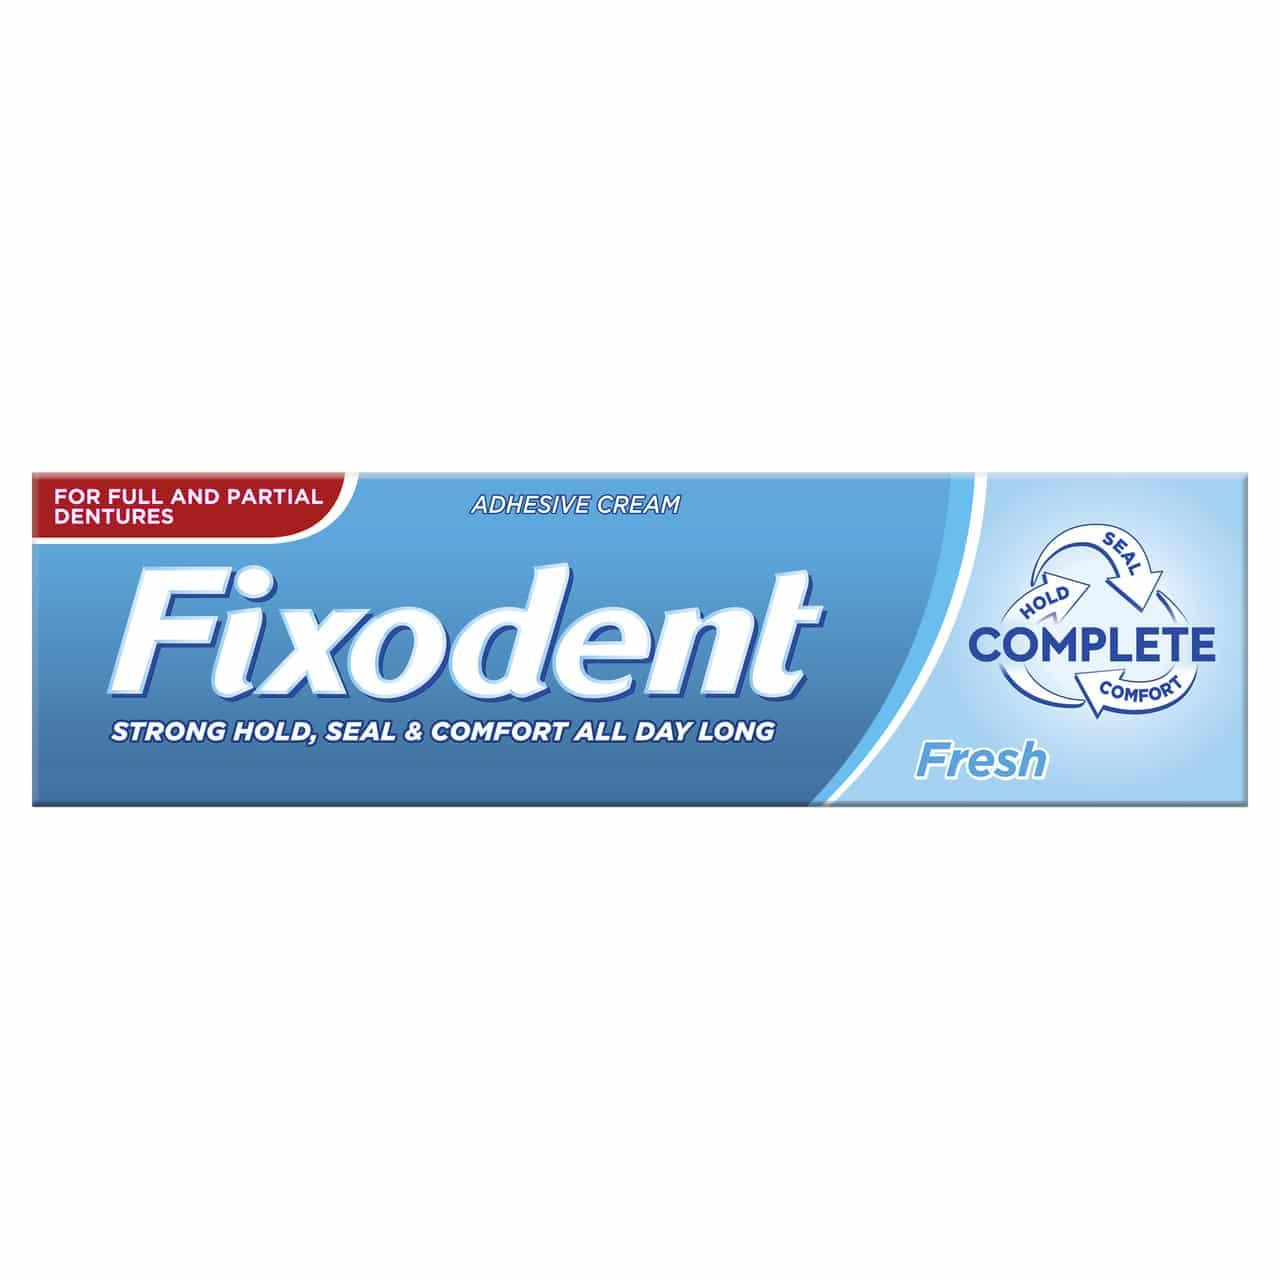 FIXODENT FRESH (47G)